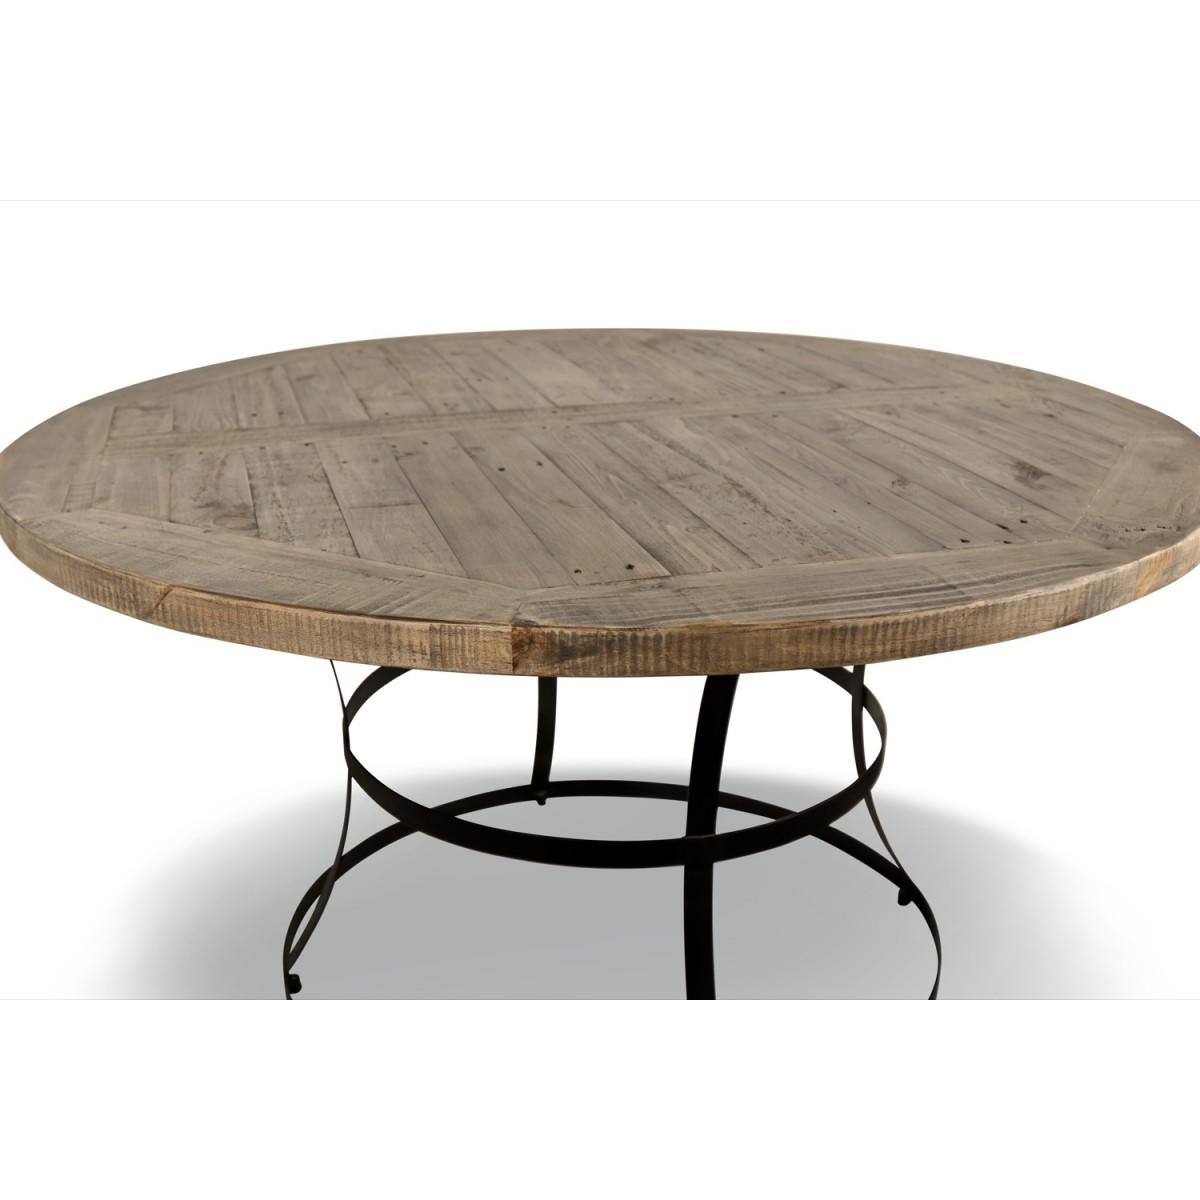 Table Ronde Bois Marron 140x140x75cm